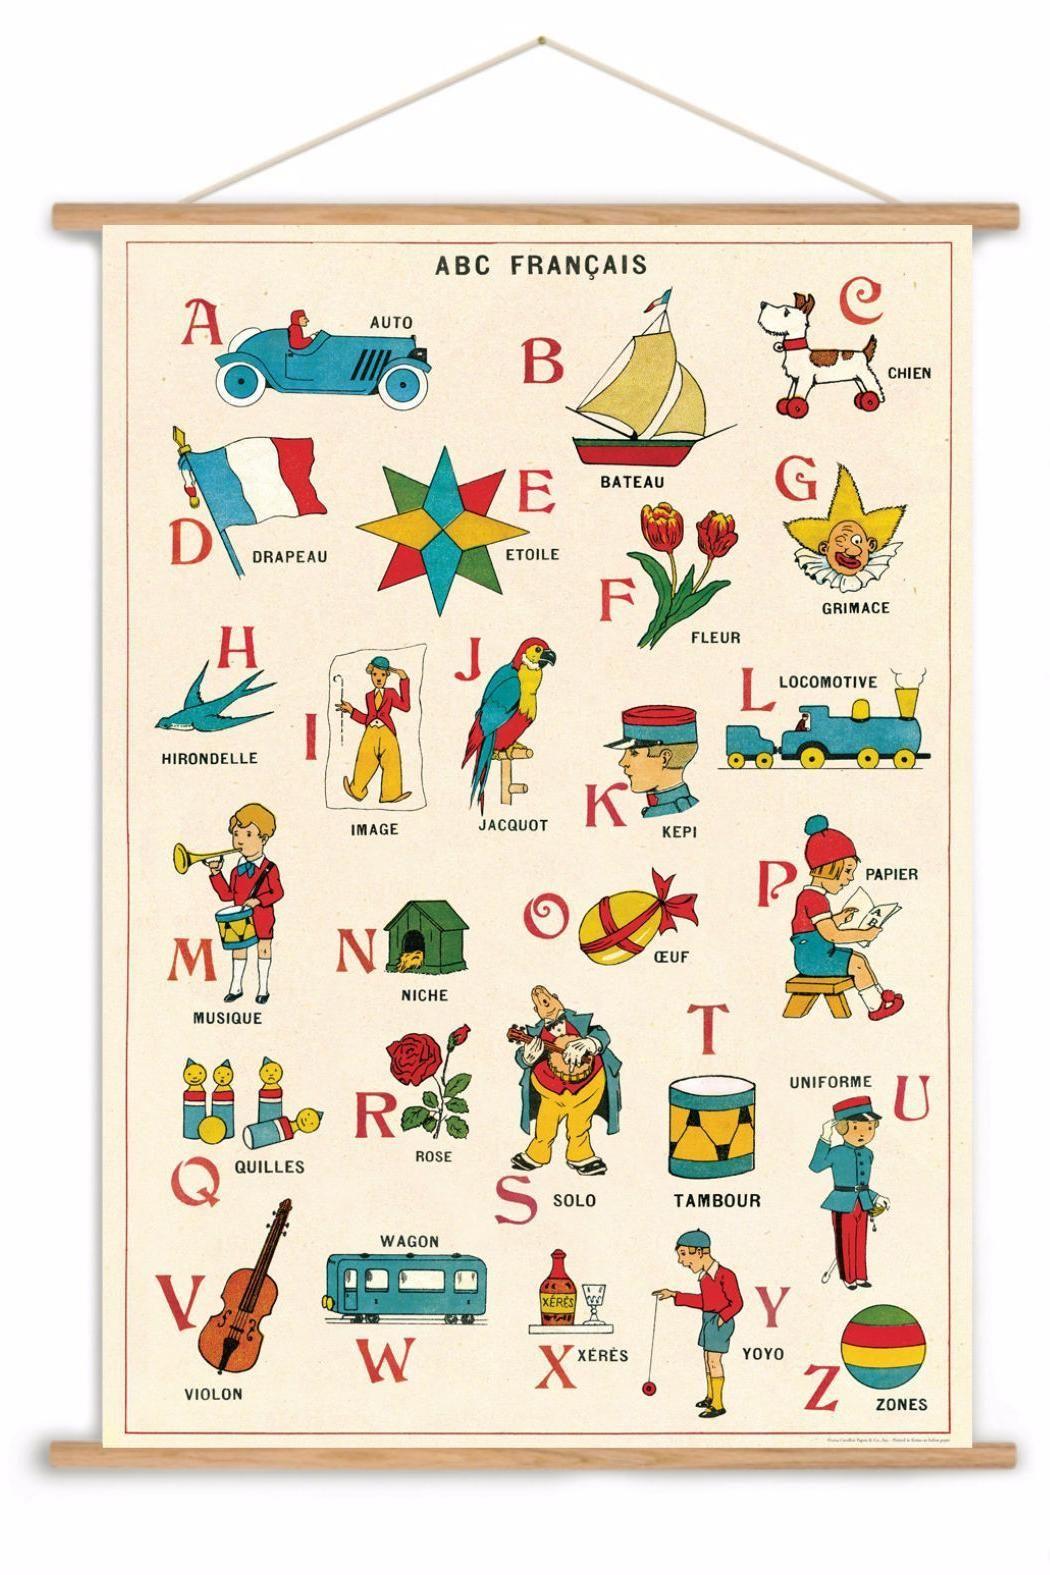 Petite Fille Tenant Un Drapeau Français. Clip Art Libres De Droits ,  Vecteurs Et Illustration. Image 33822377.